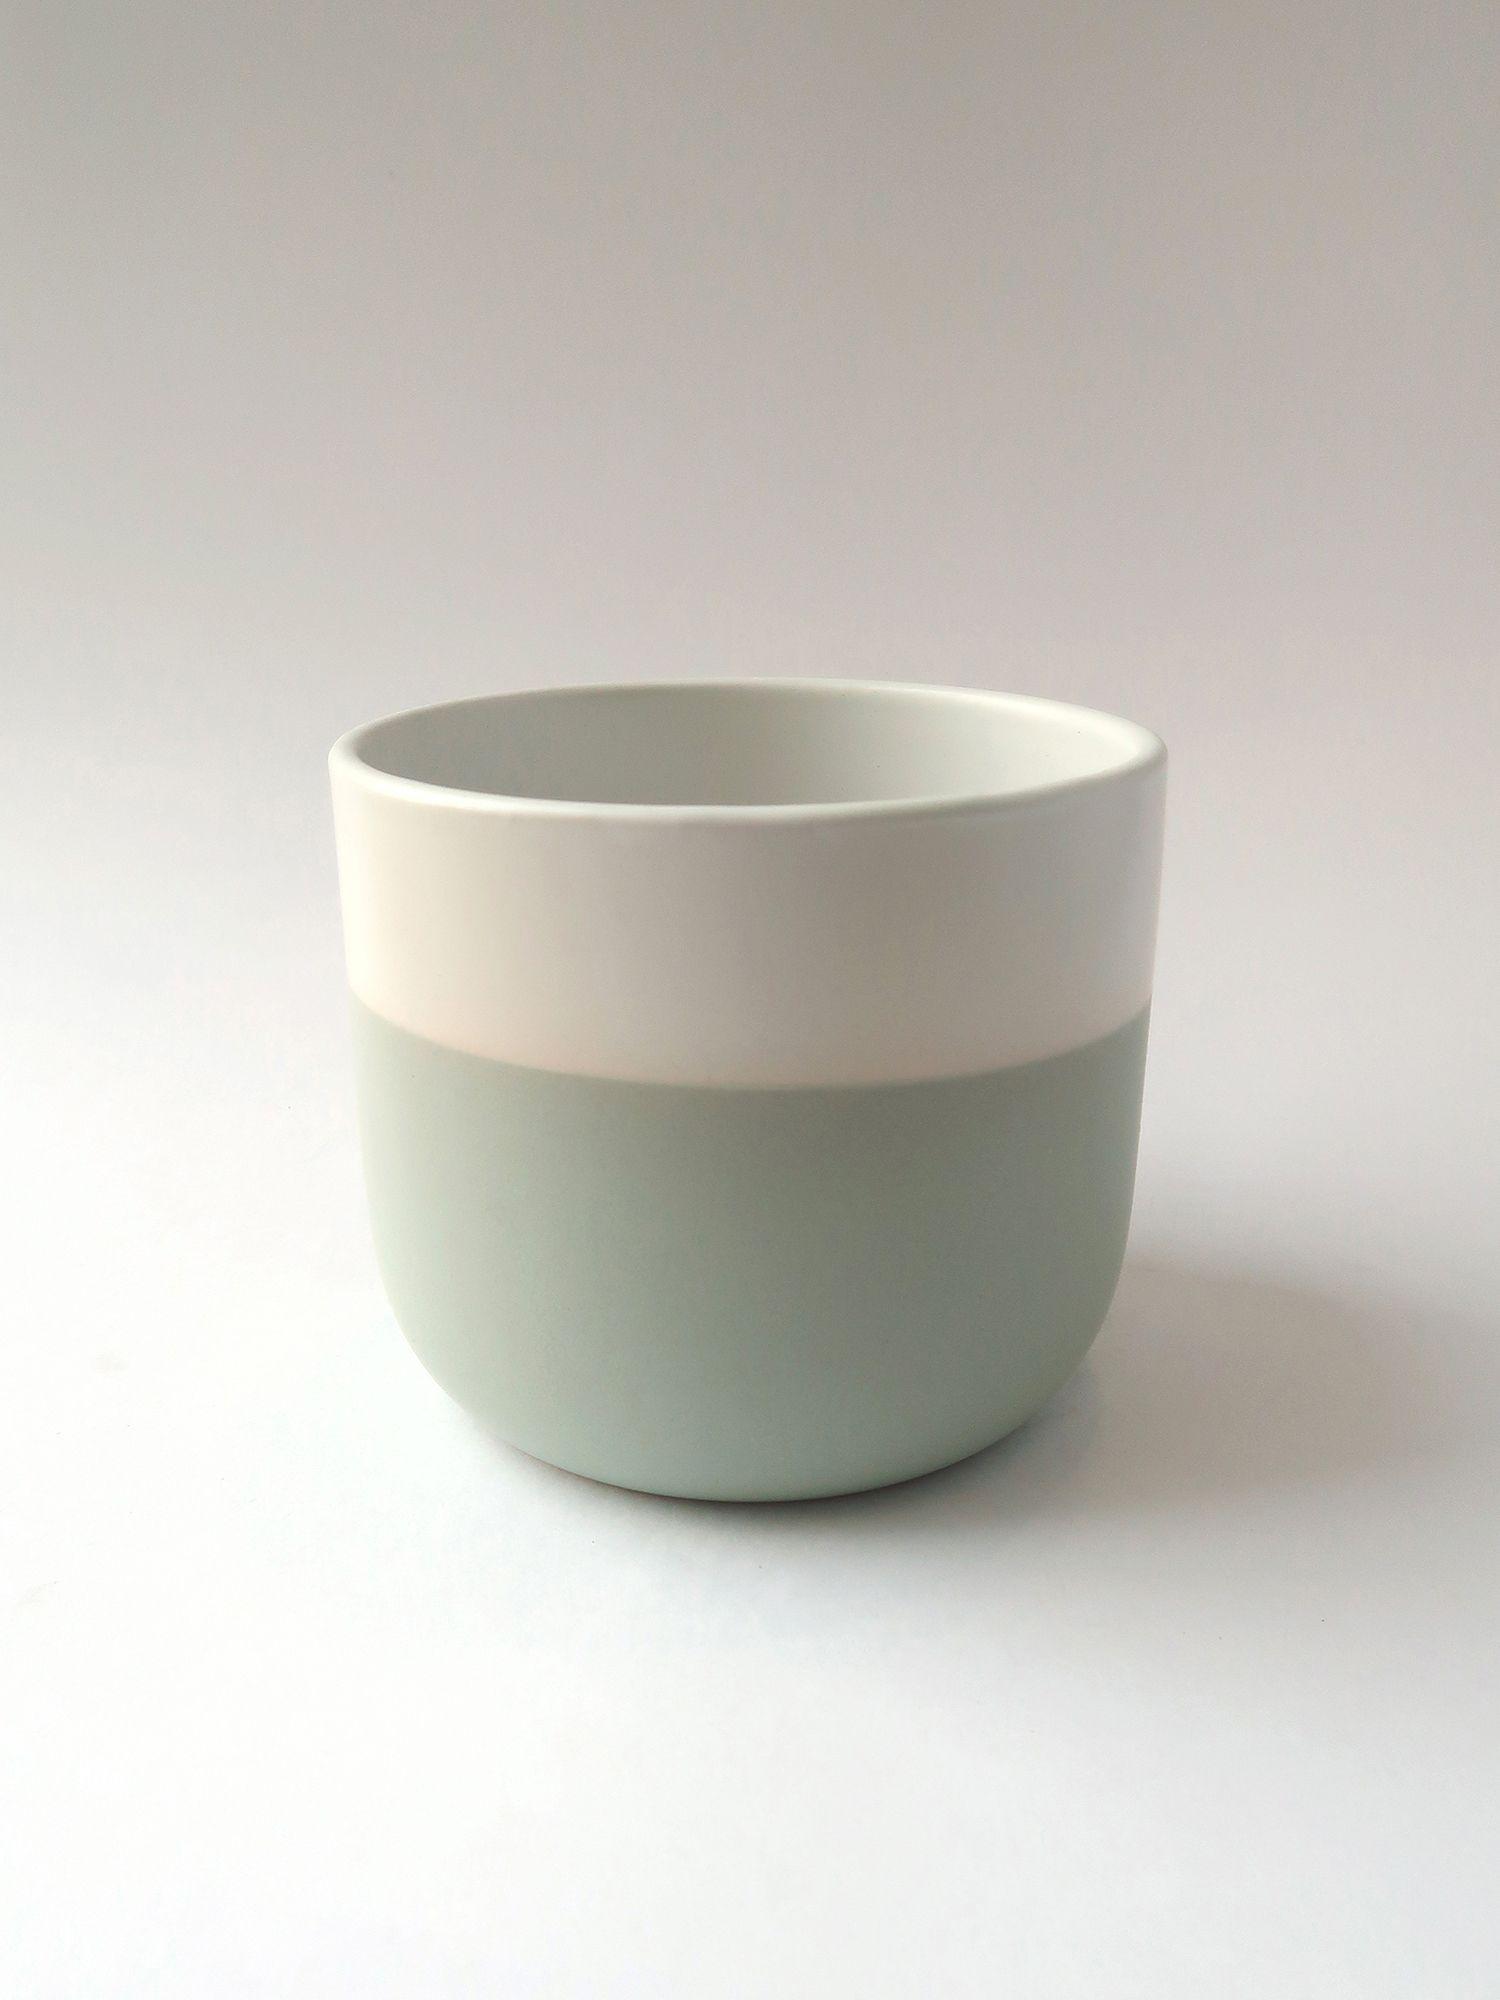 Керамическое кашпо бело-оливковое